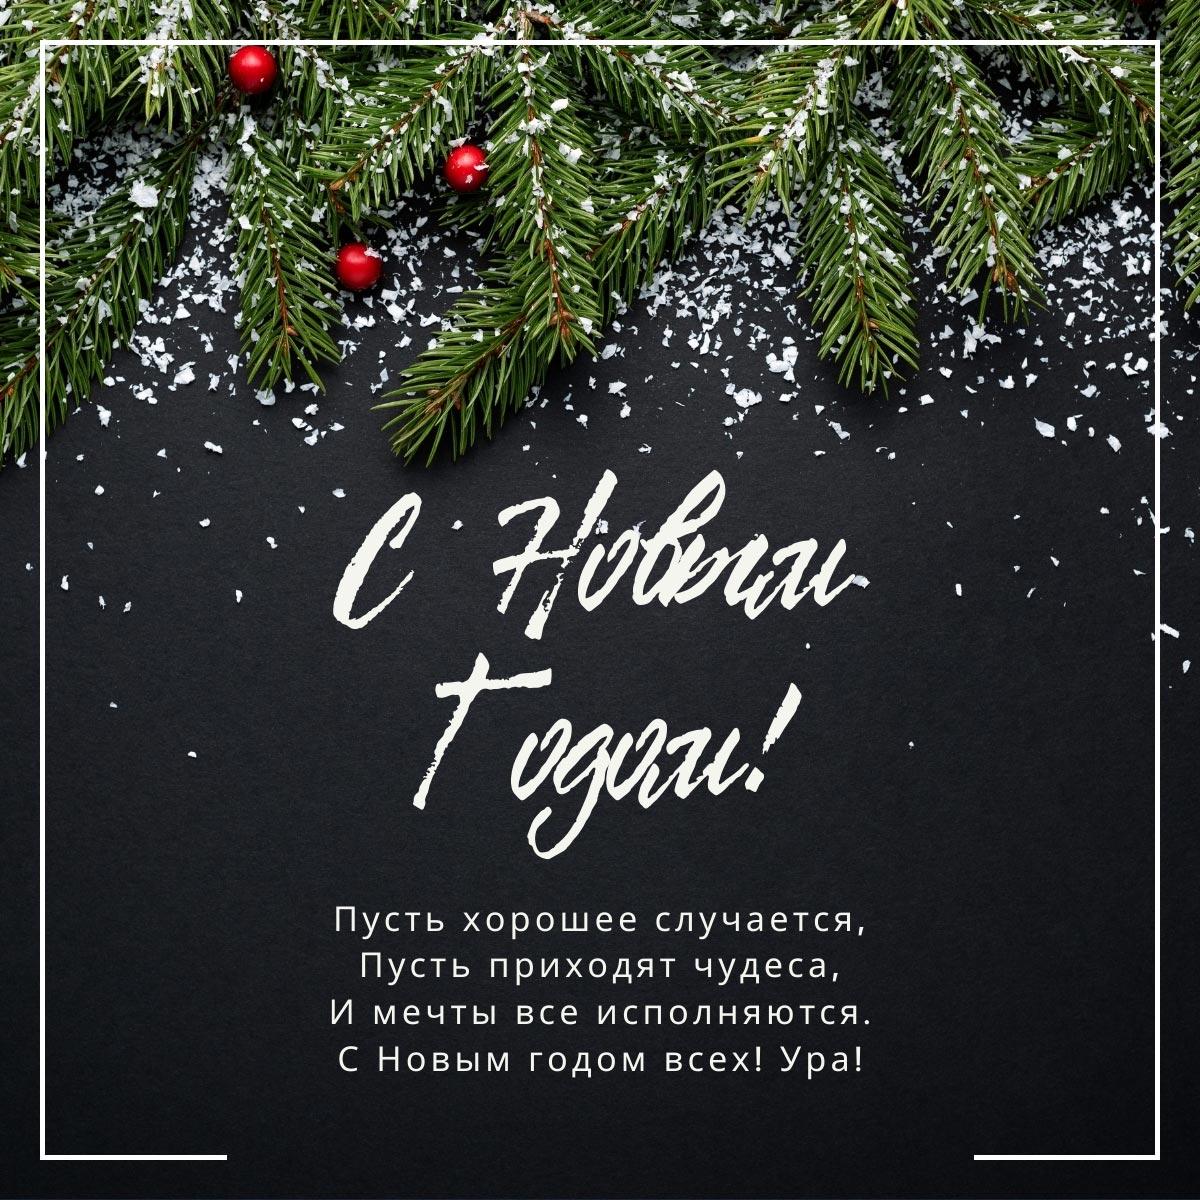 Картинка со стихами на поздравление с новым годом каллиграфическим шрифтом на чёрном фоне с еловыми ветками.